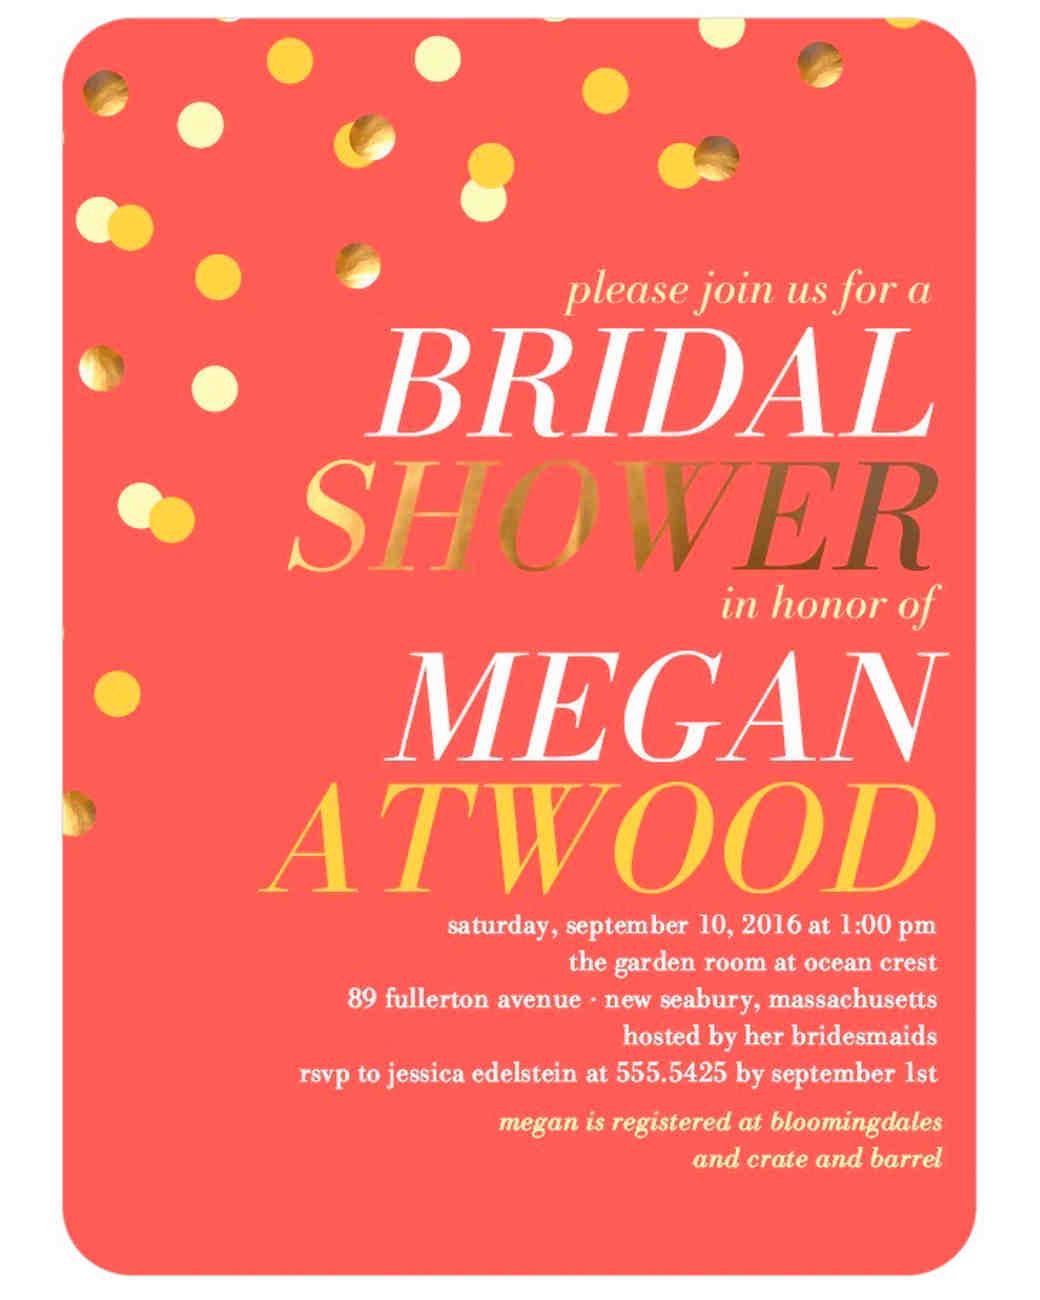 shower-invites-weddingpaperdivas-shiningshower-0414.jpg